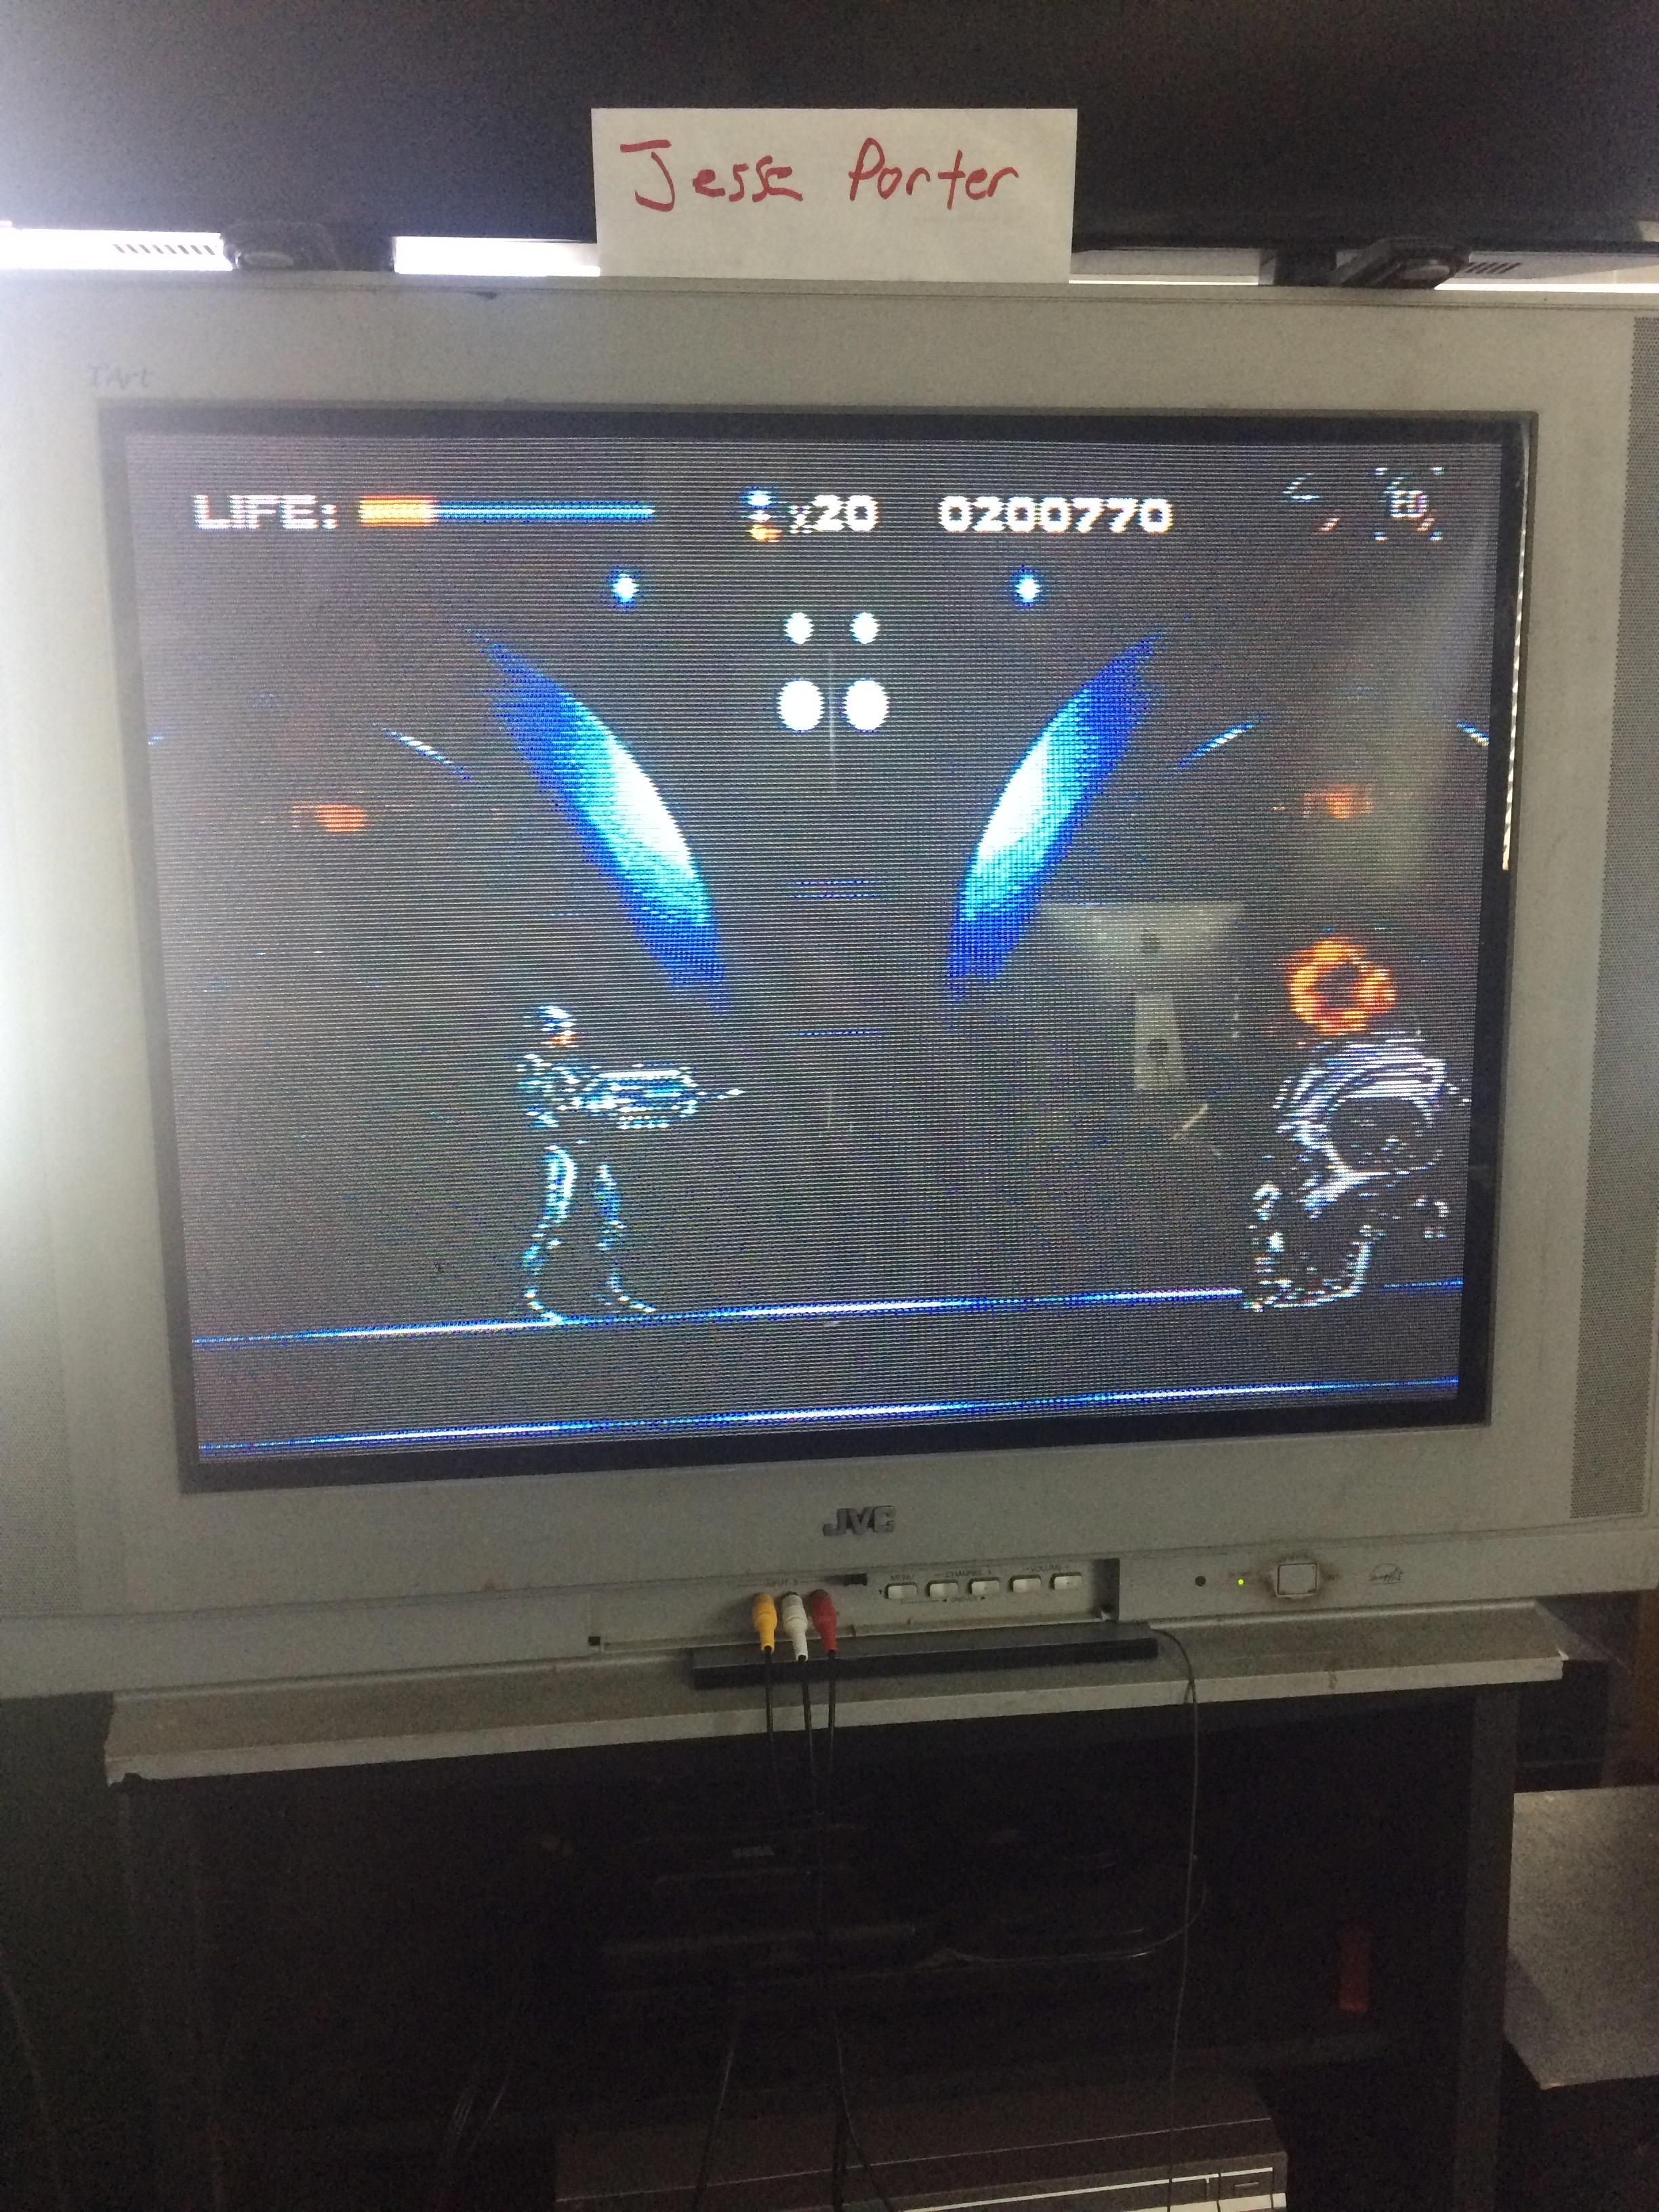 Robocop Versus Terminator 200,770 points